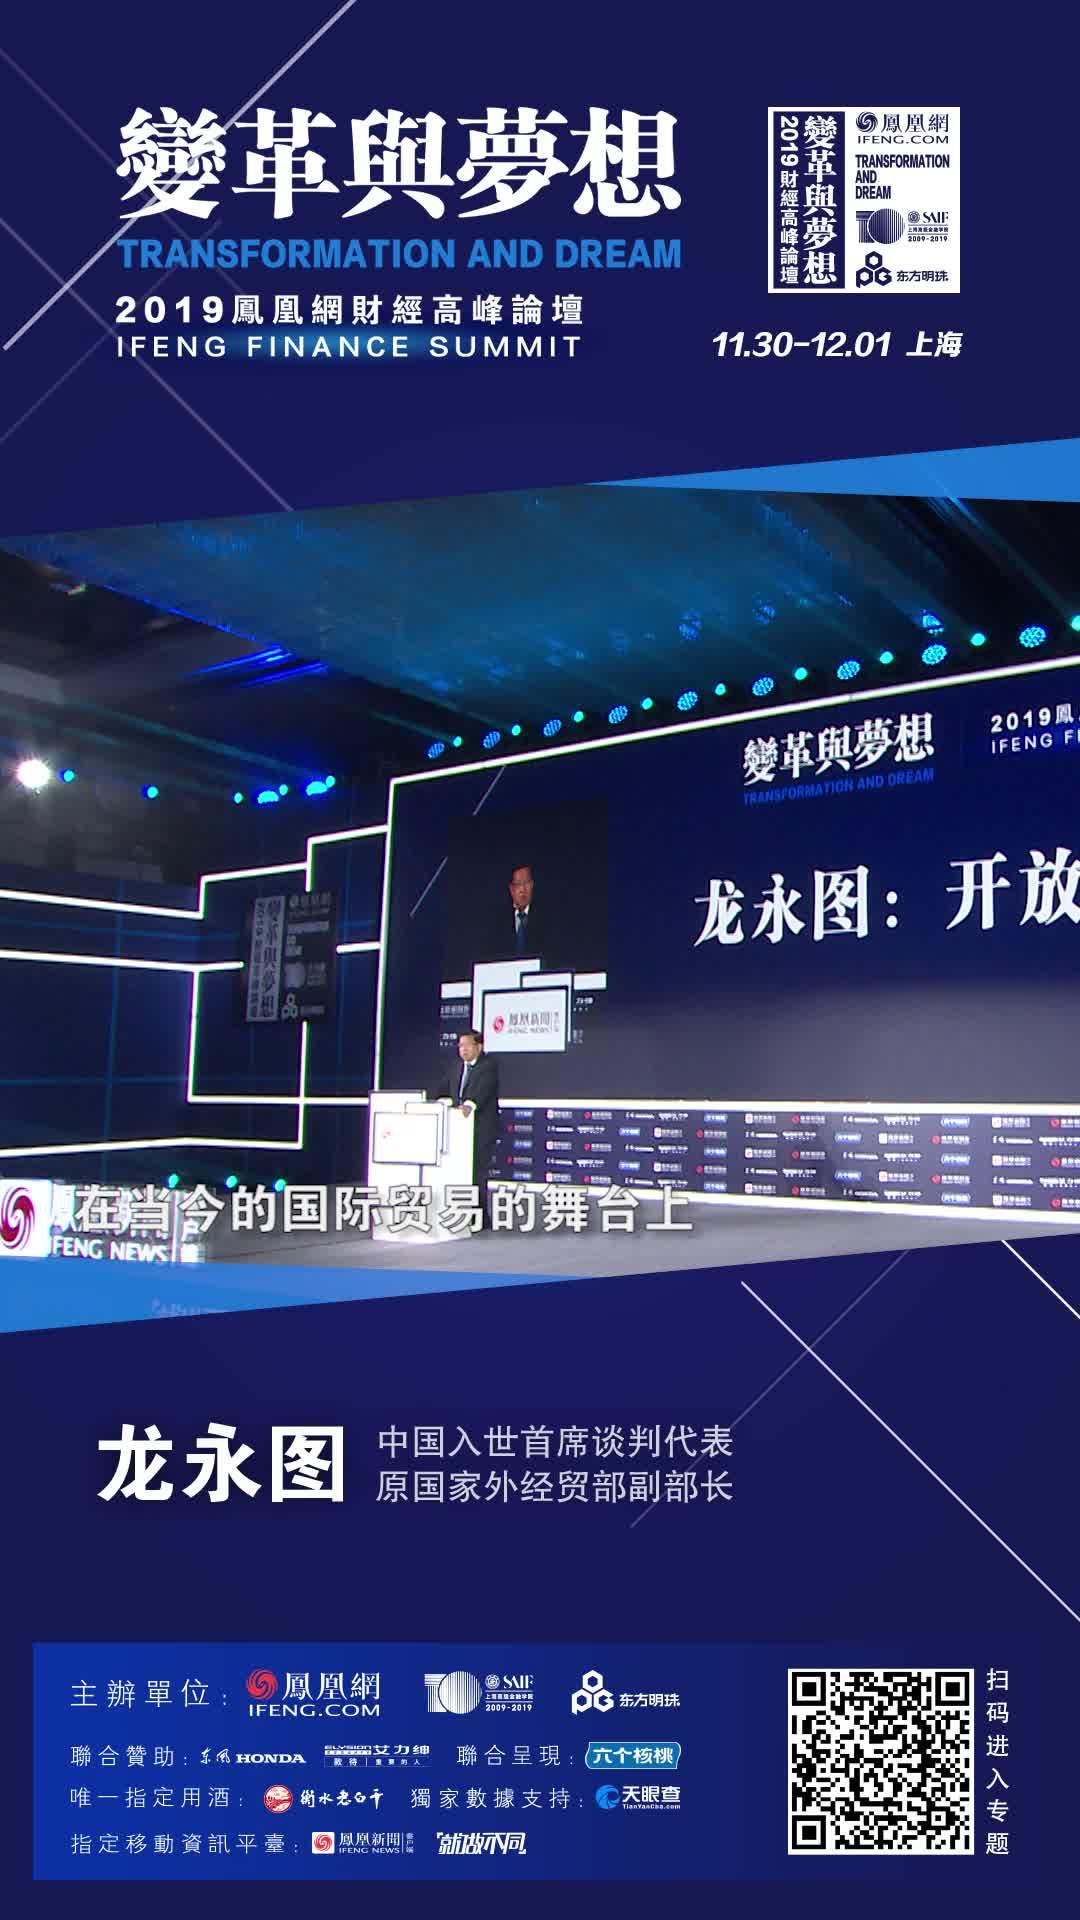 龙永图:在当今国际市场上,谁进口多谁就是老大